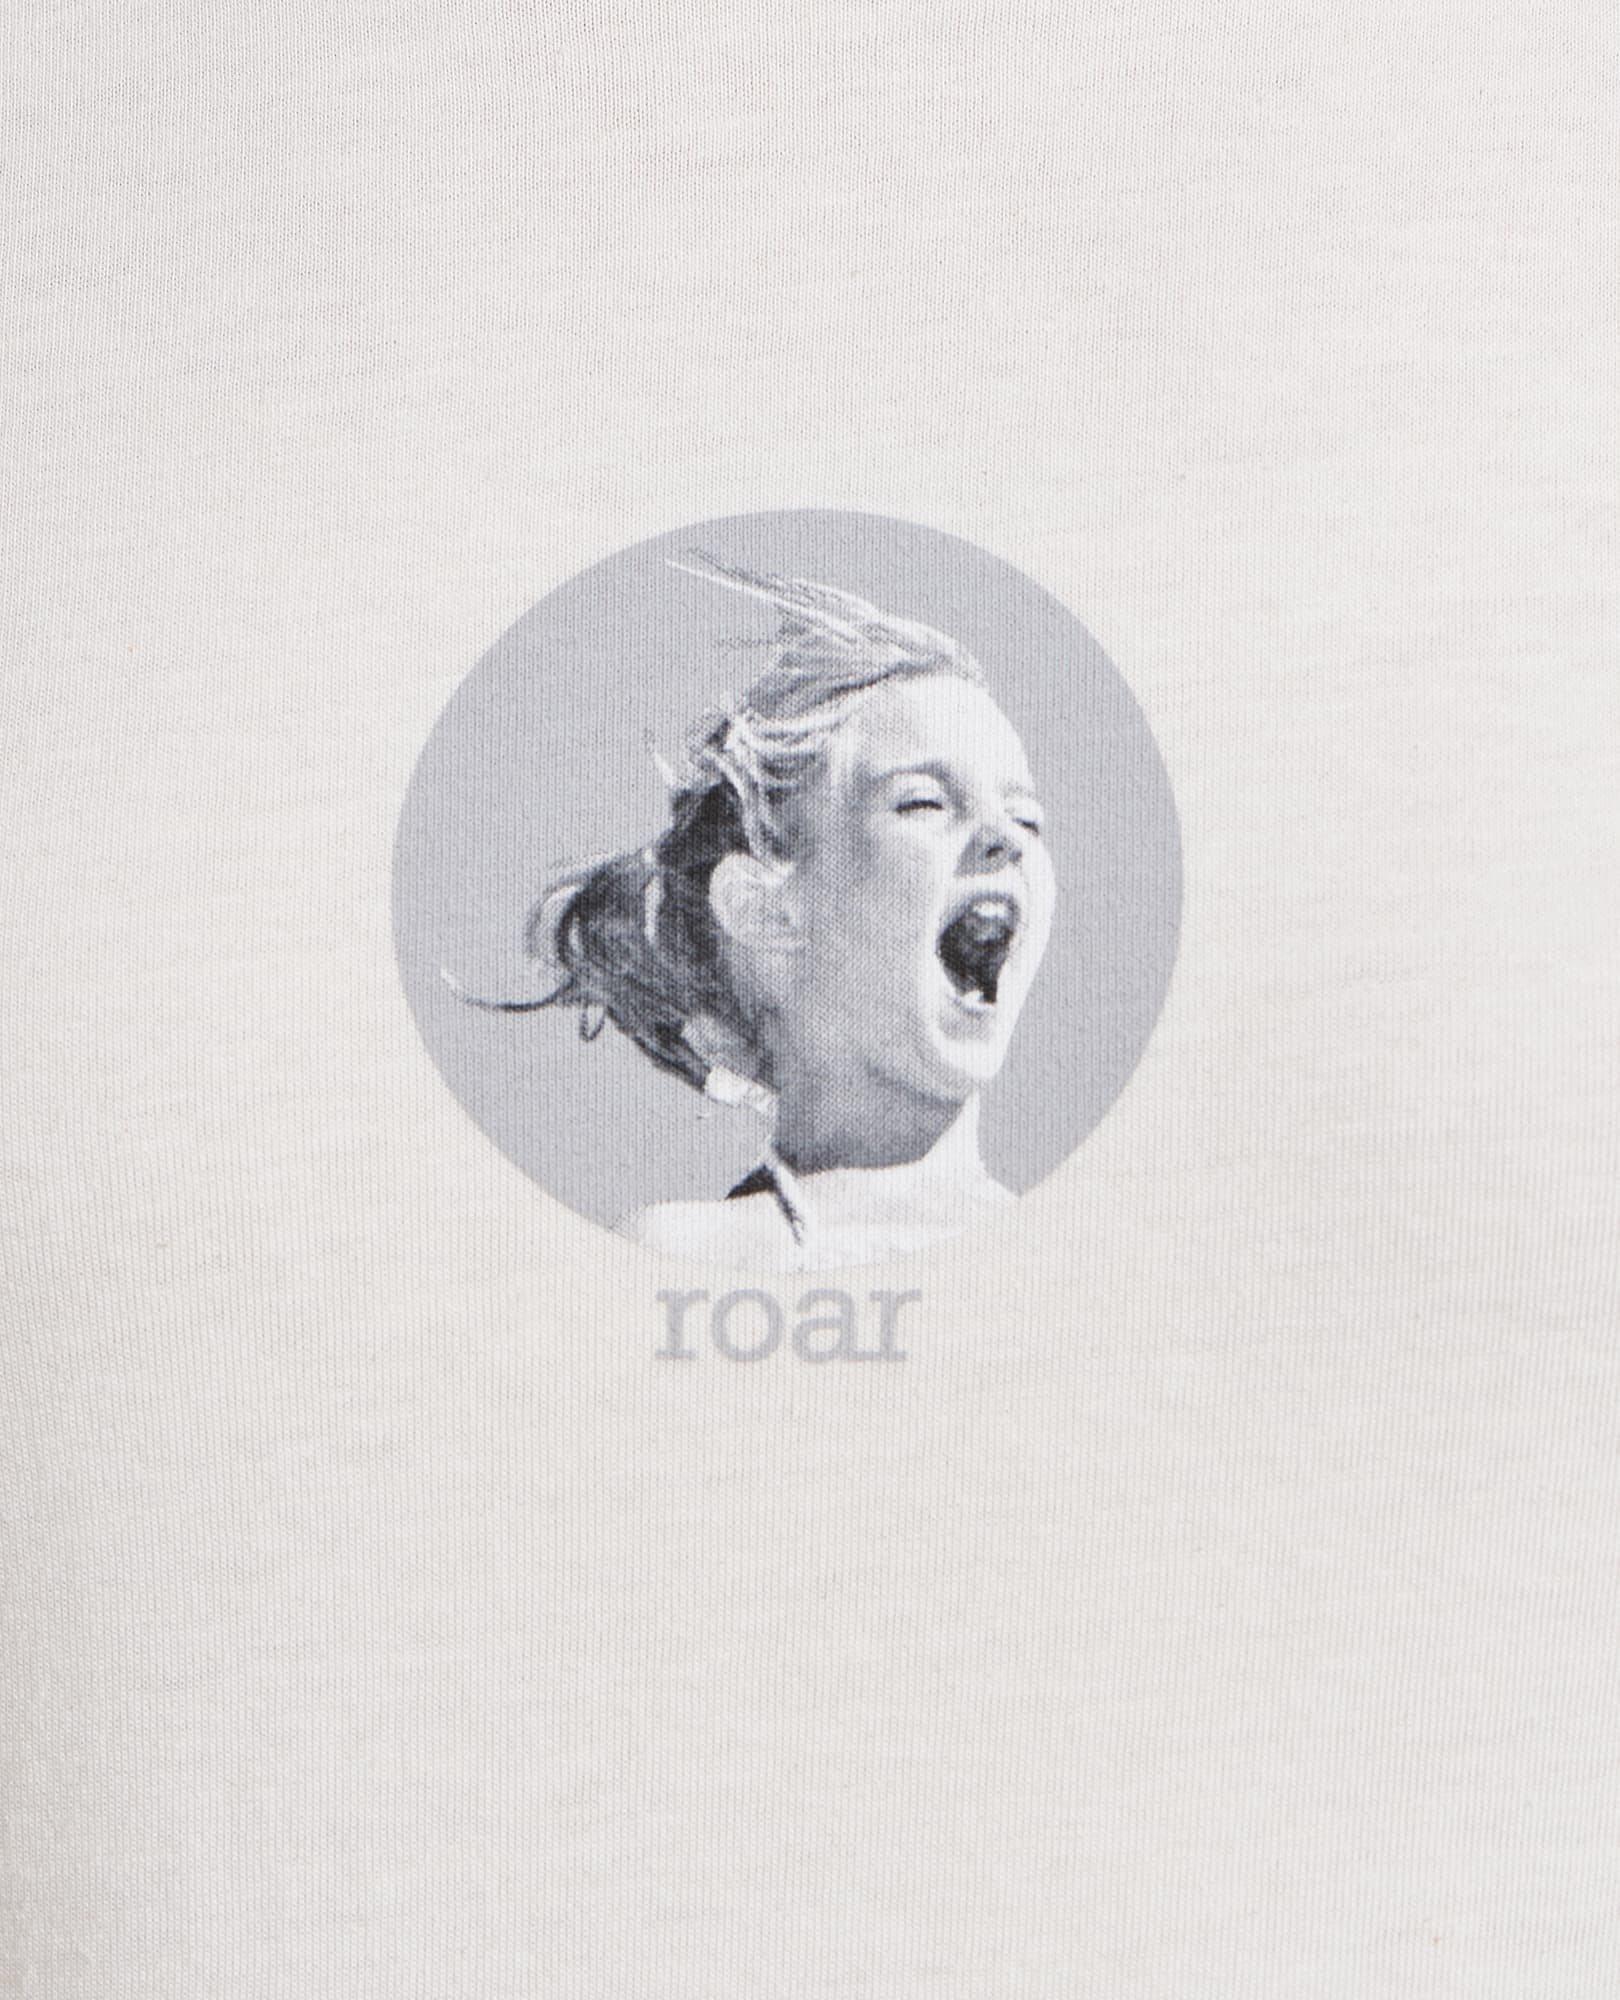 Toad&Co Roar Short Sleeve Tee